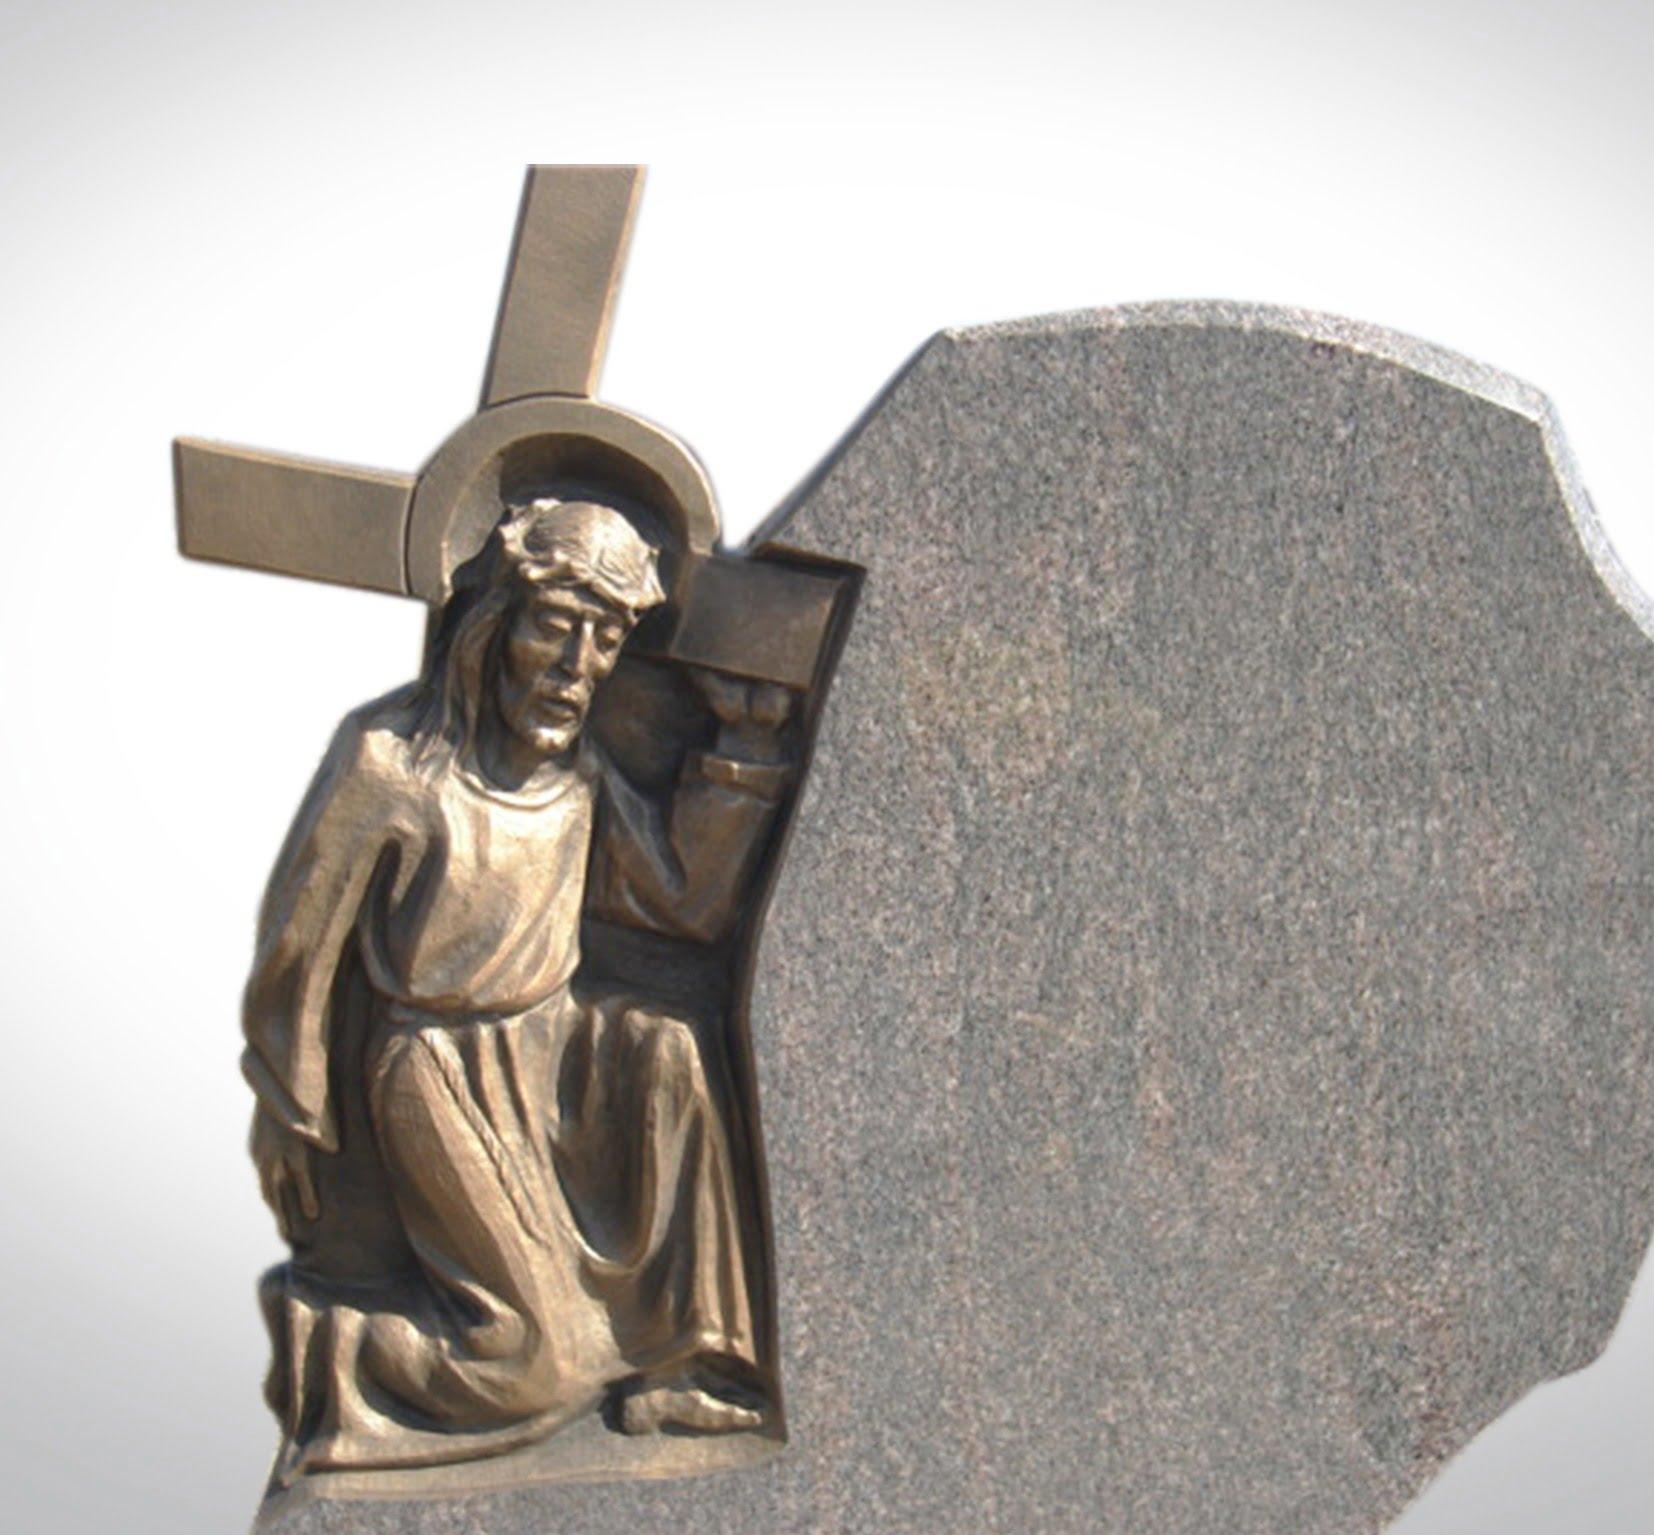 Jasny nagrobek z jezusem - Nagrobki Bielsko-Biała